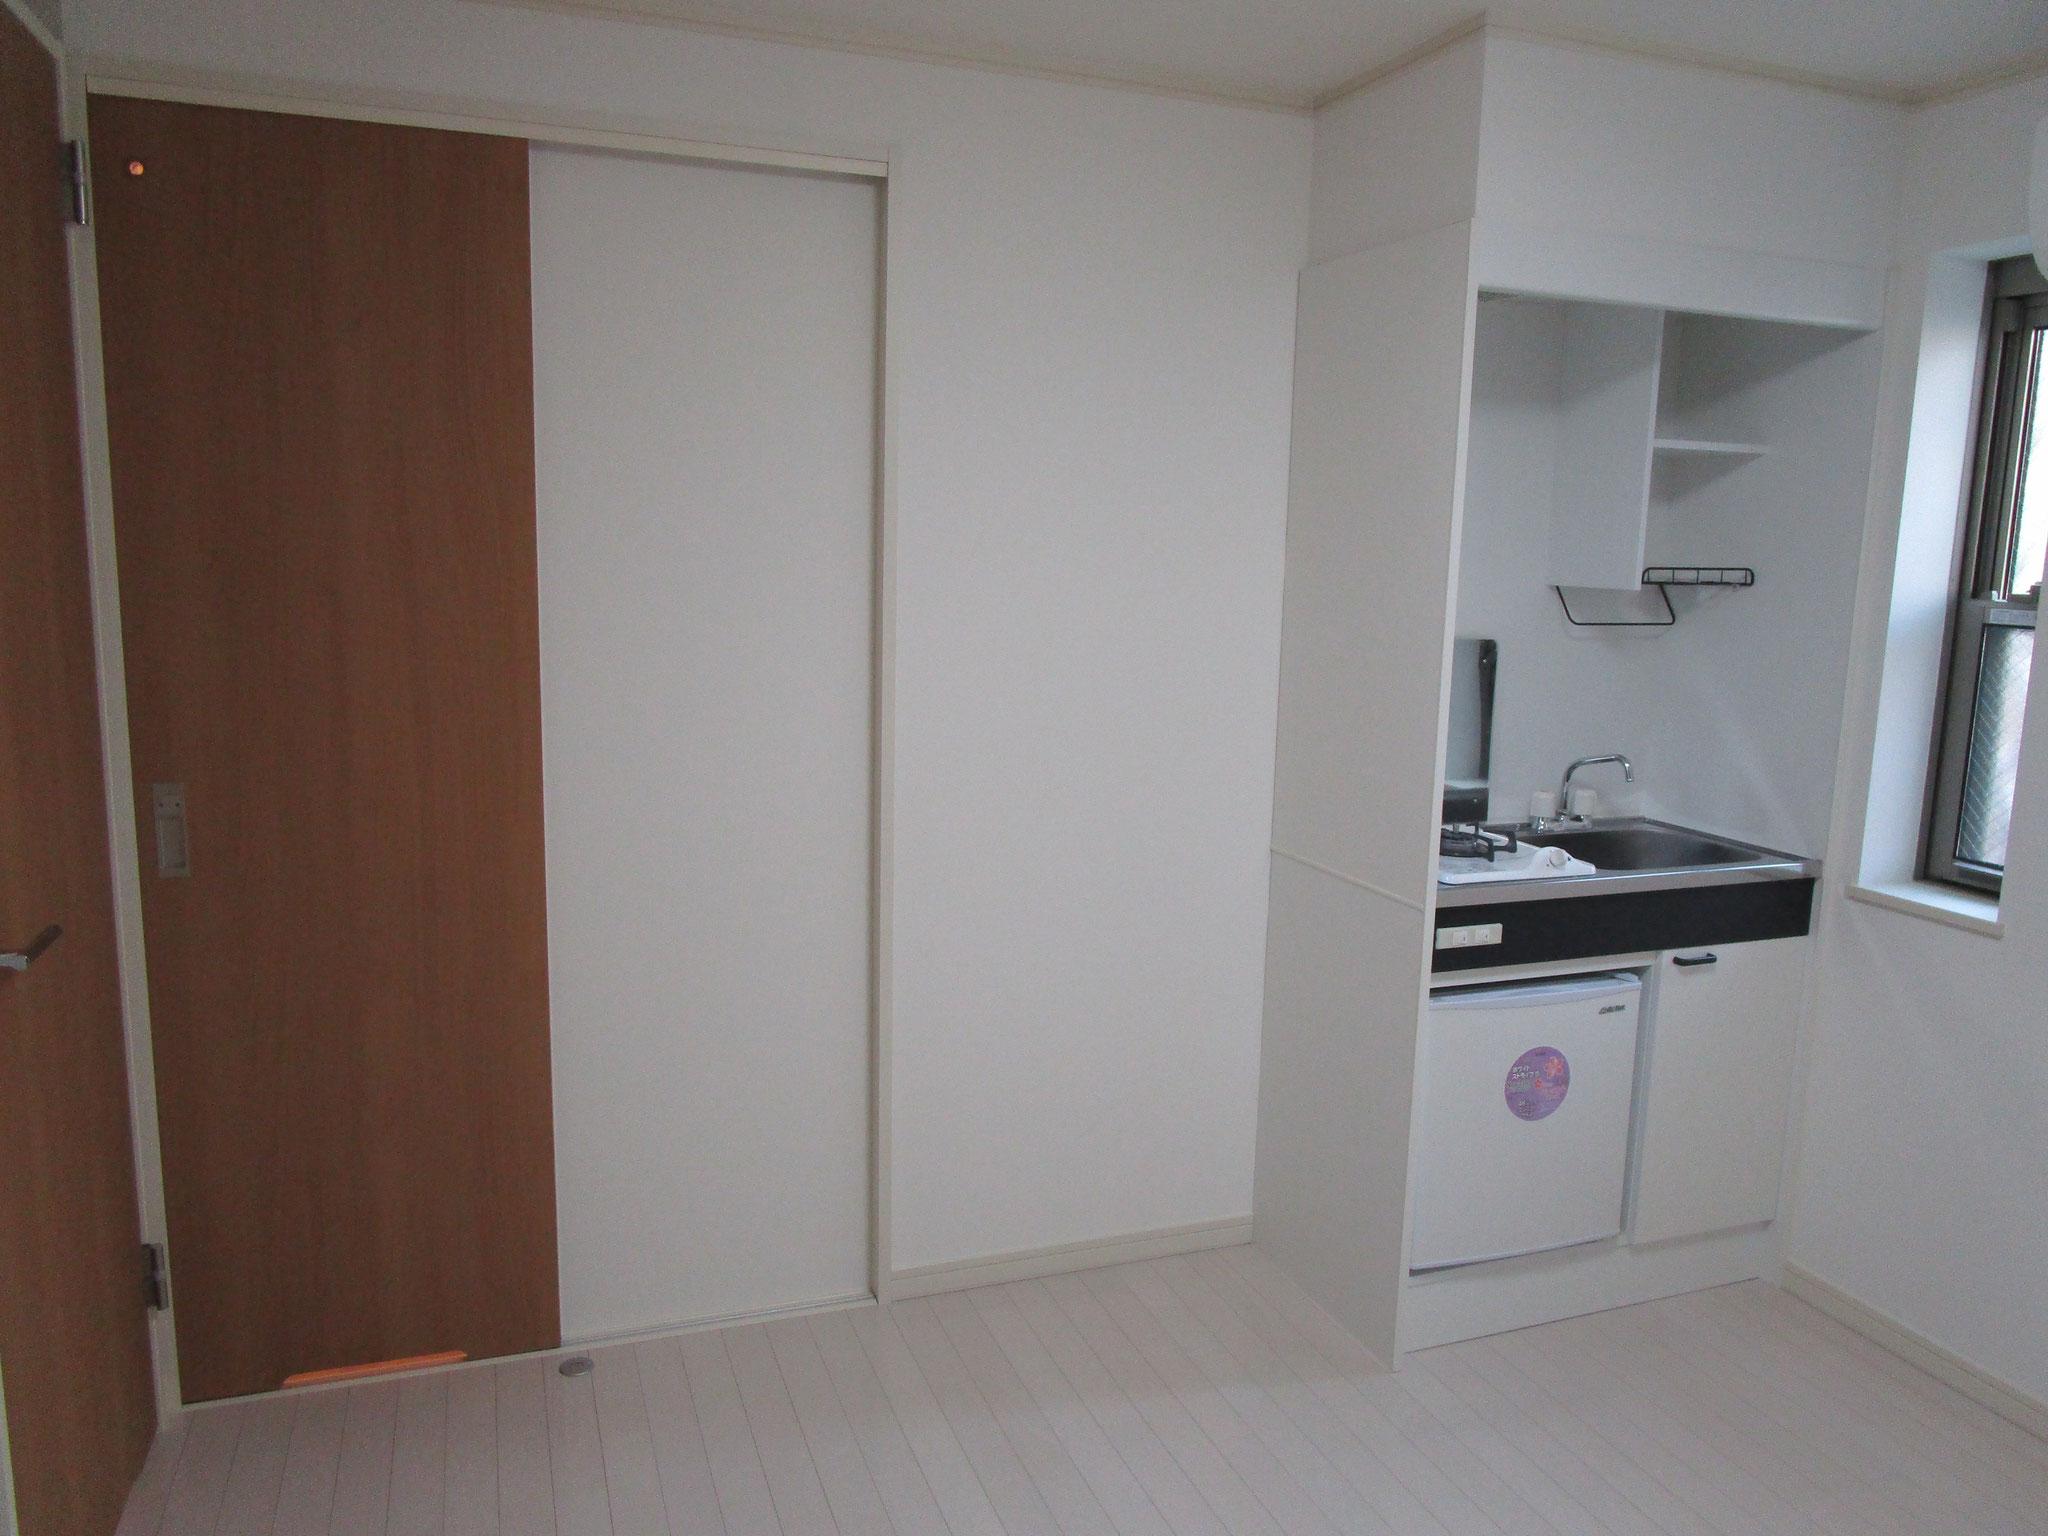 キッチンの横に小窓があります